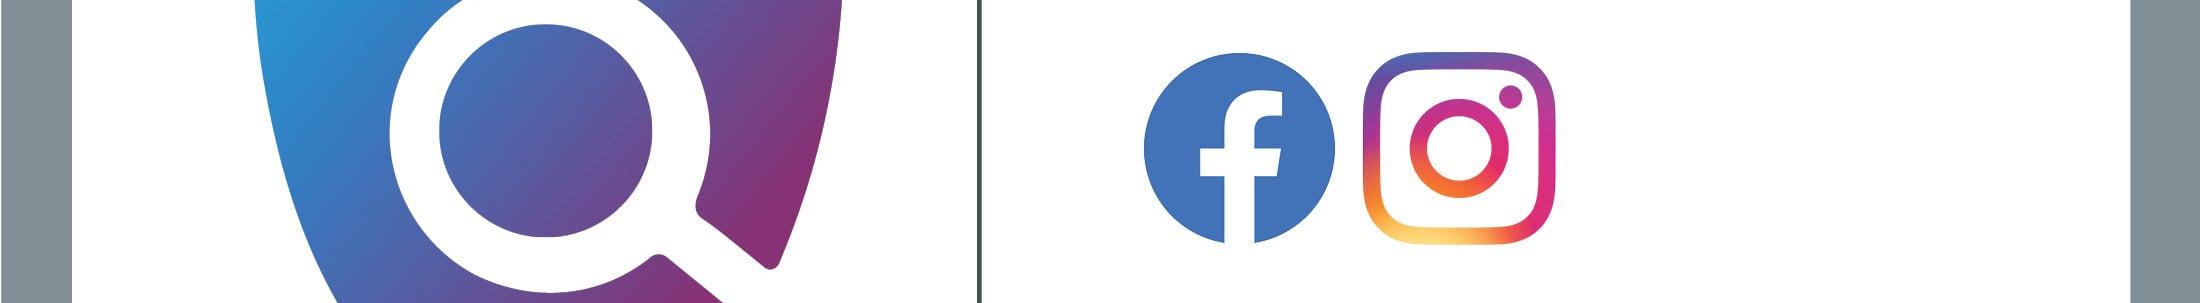 Social Media Adv checklist_3